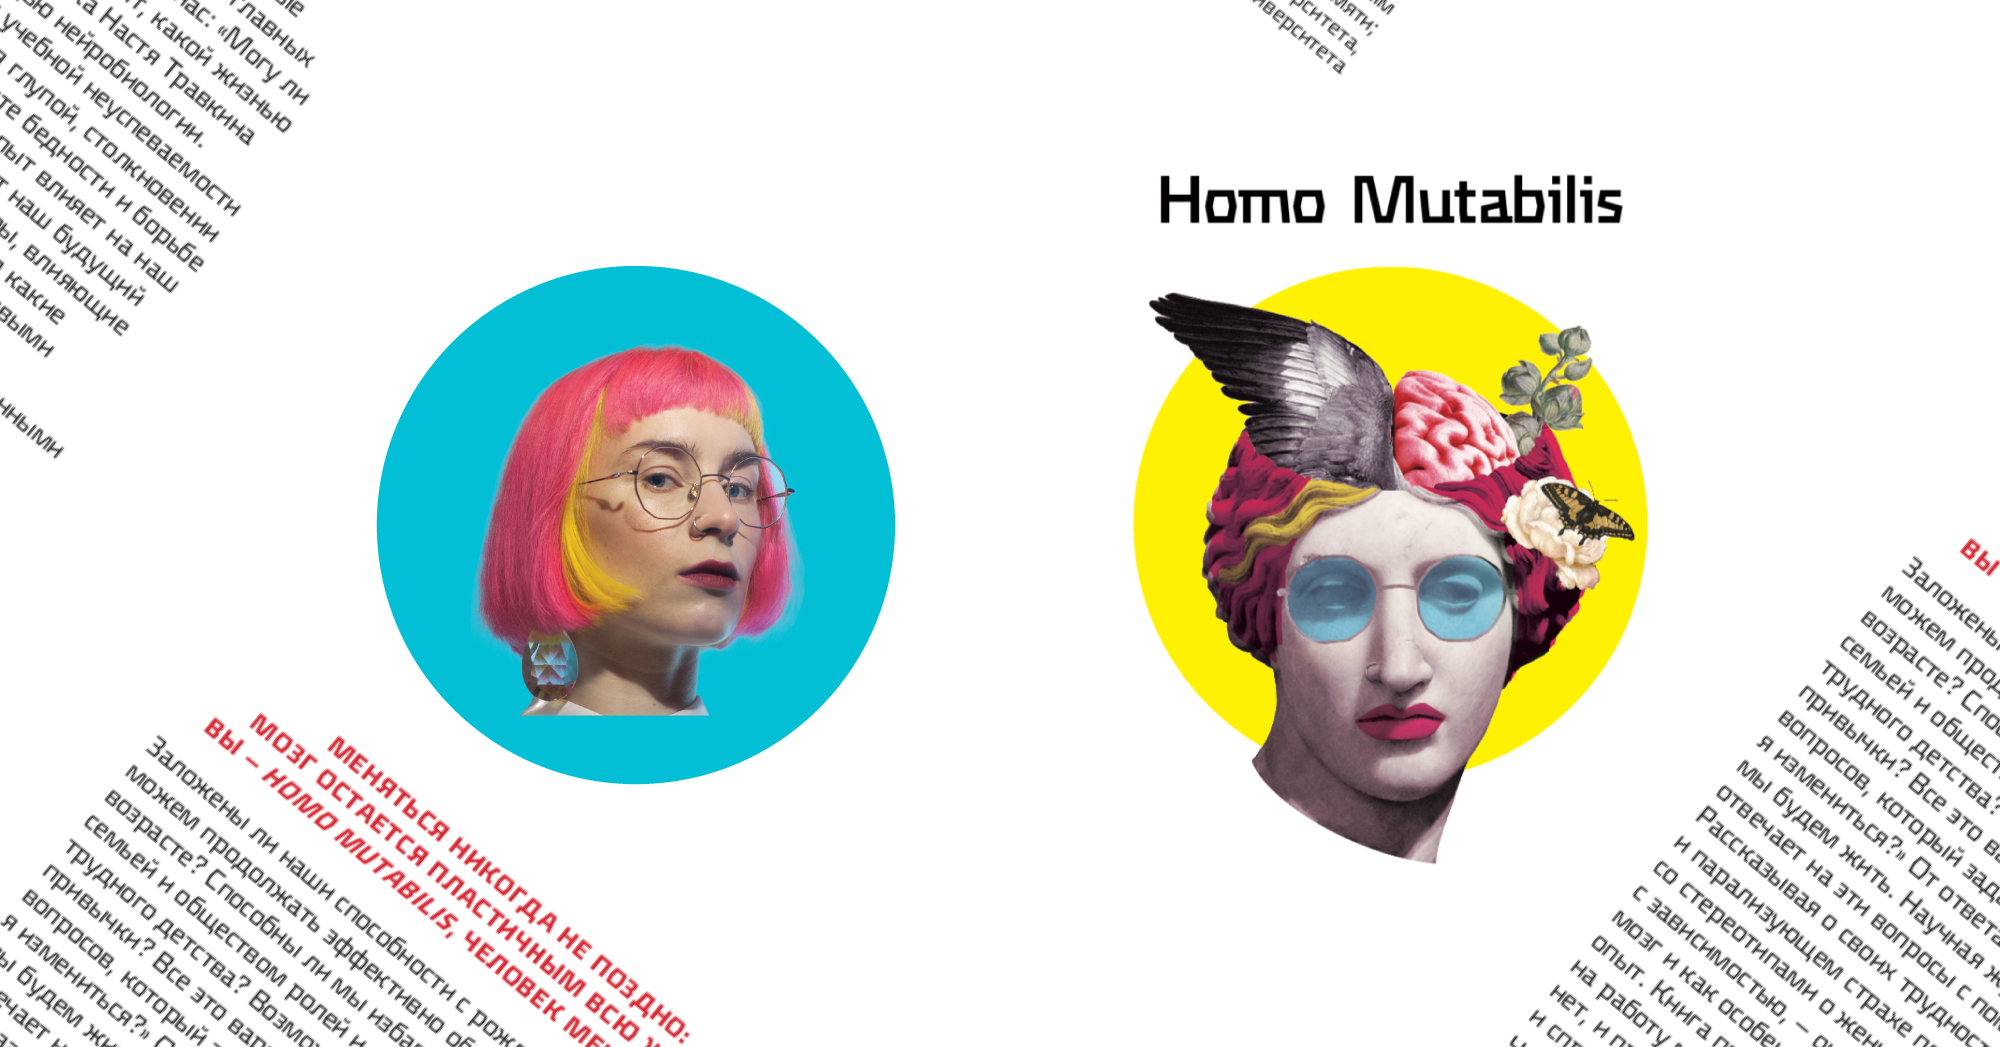 Фрагмент із книжки Homo Mutabilis Насті Травкіної